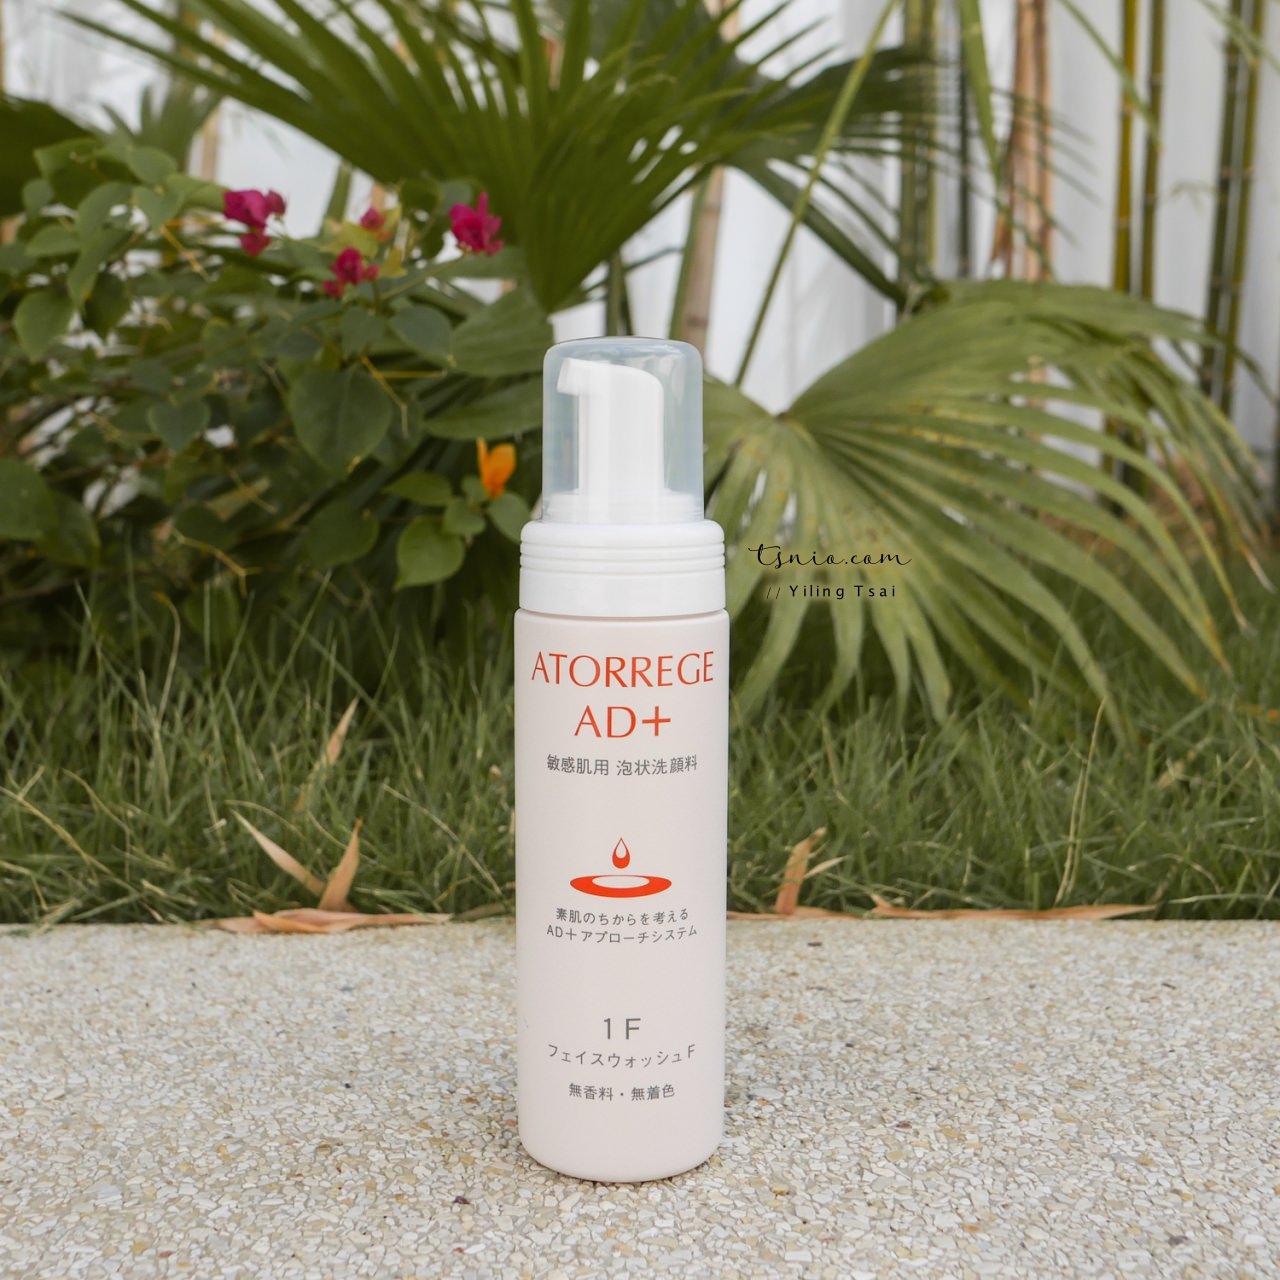 日本 ATORREGE AD+ 洗卸組 敏感問題肌適用溫和產品 25 週年印花樂聯名款